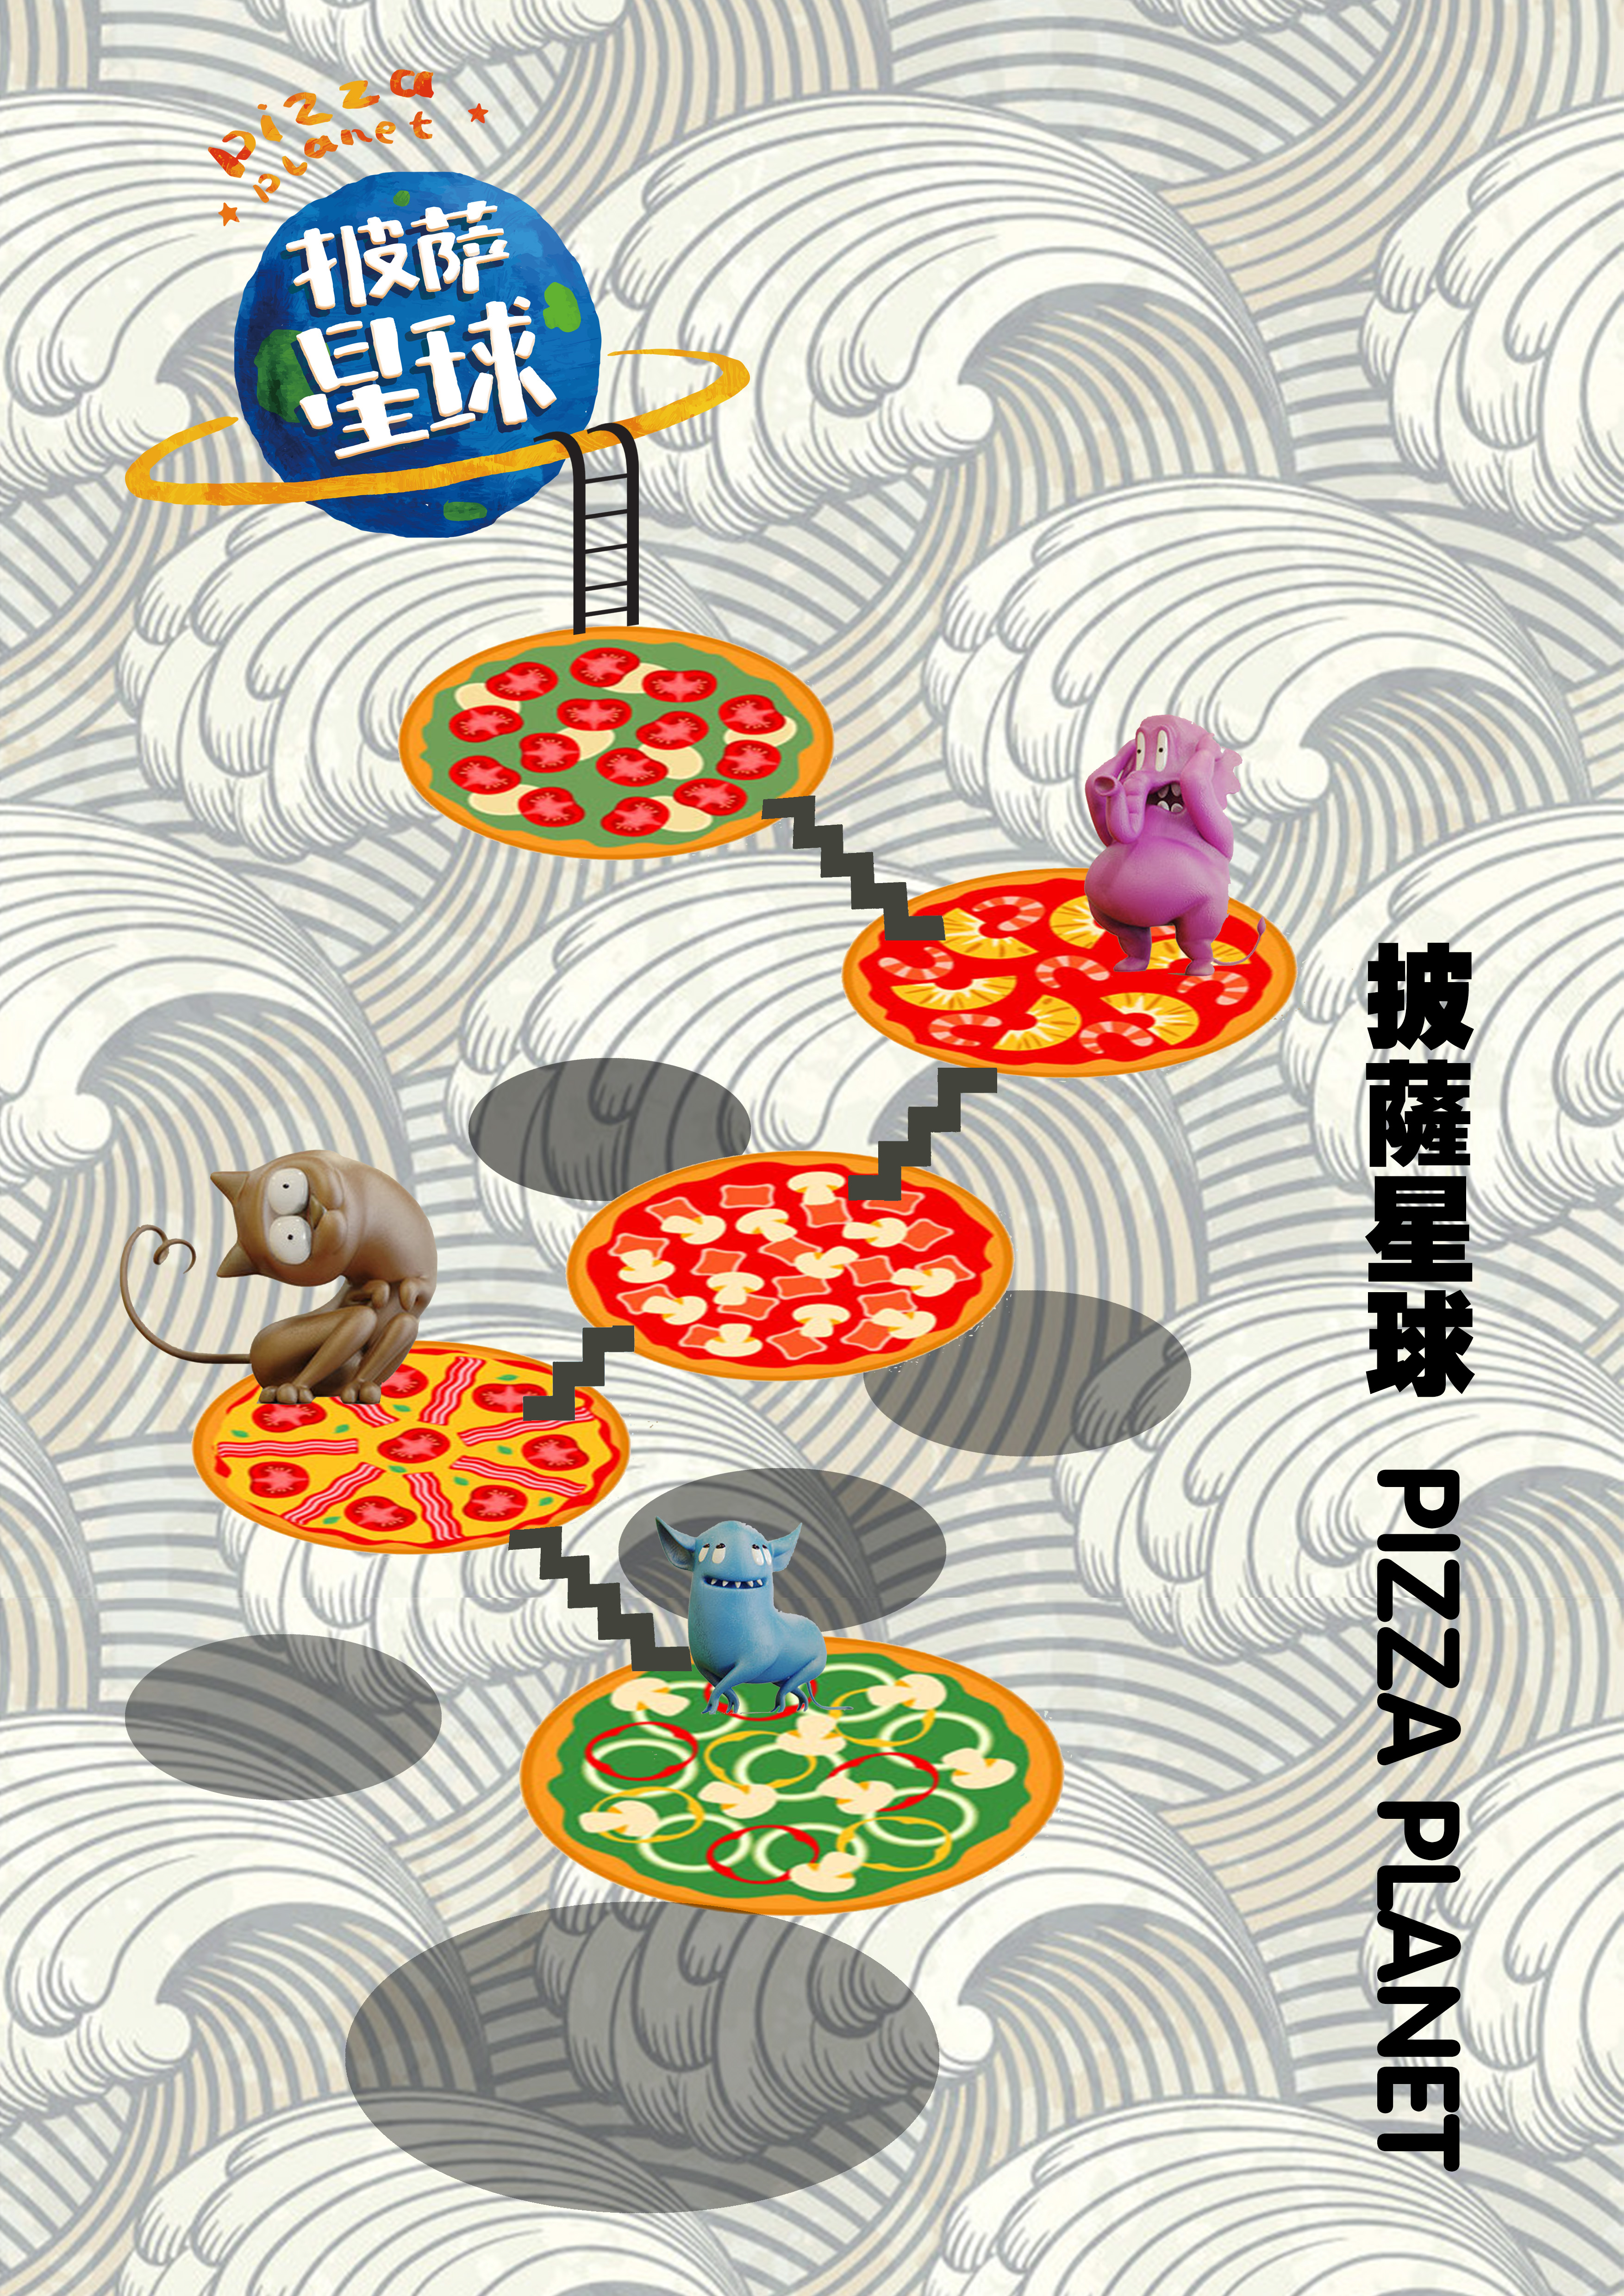 披萨手绘漫画图